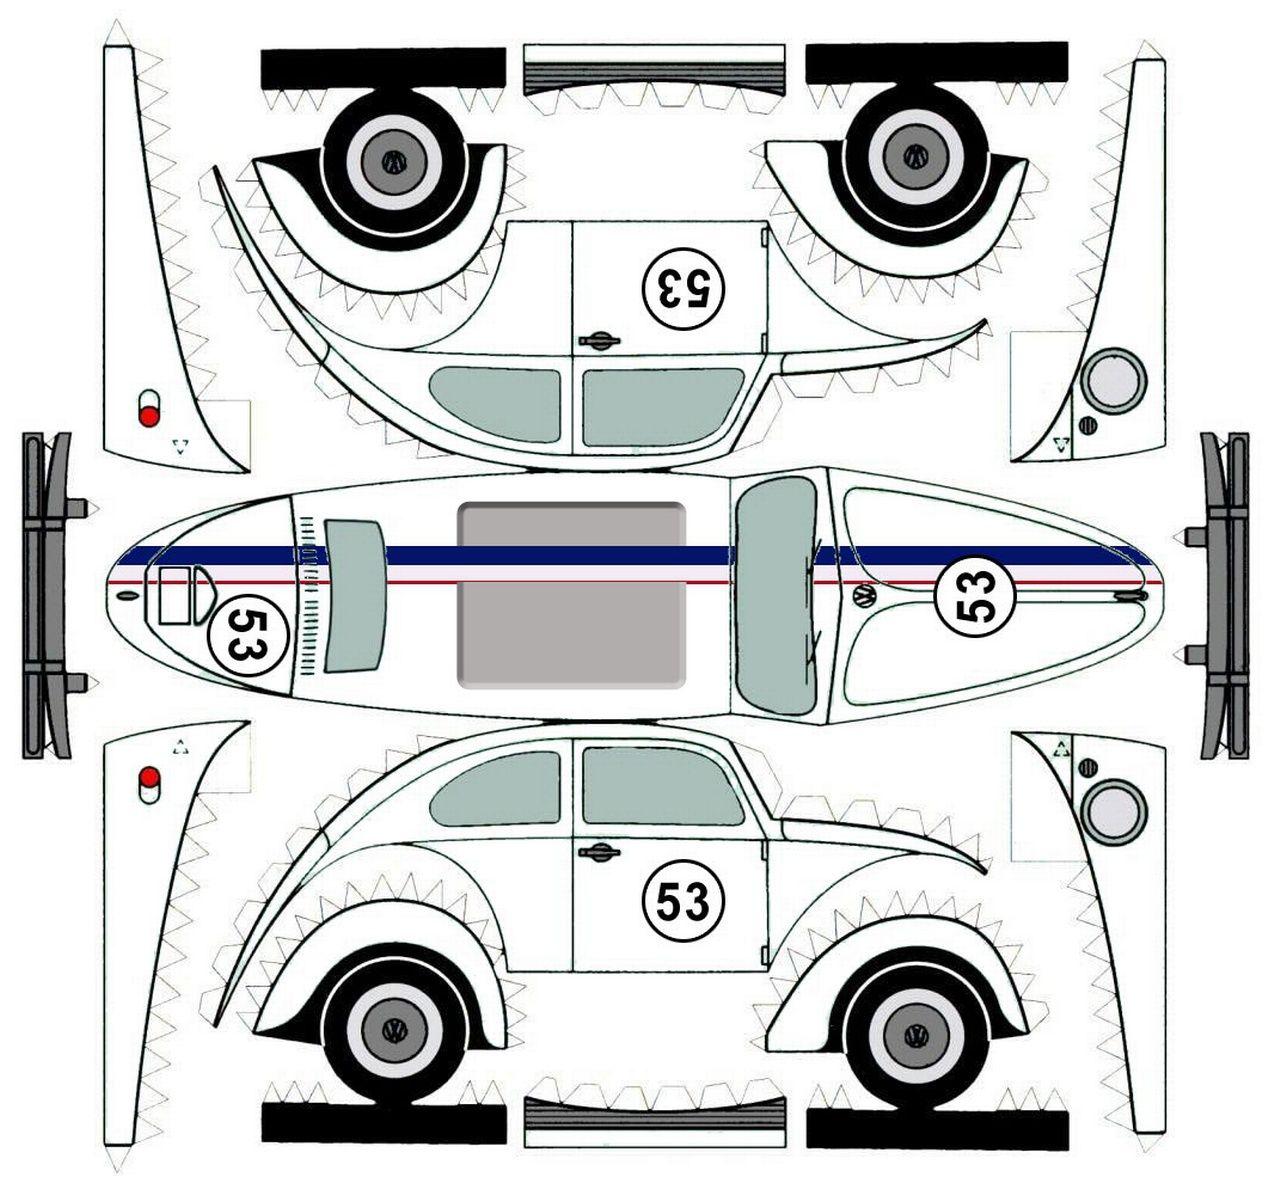 VW Bug, Herbie!